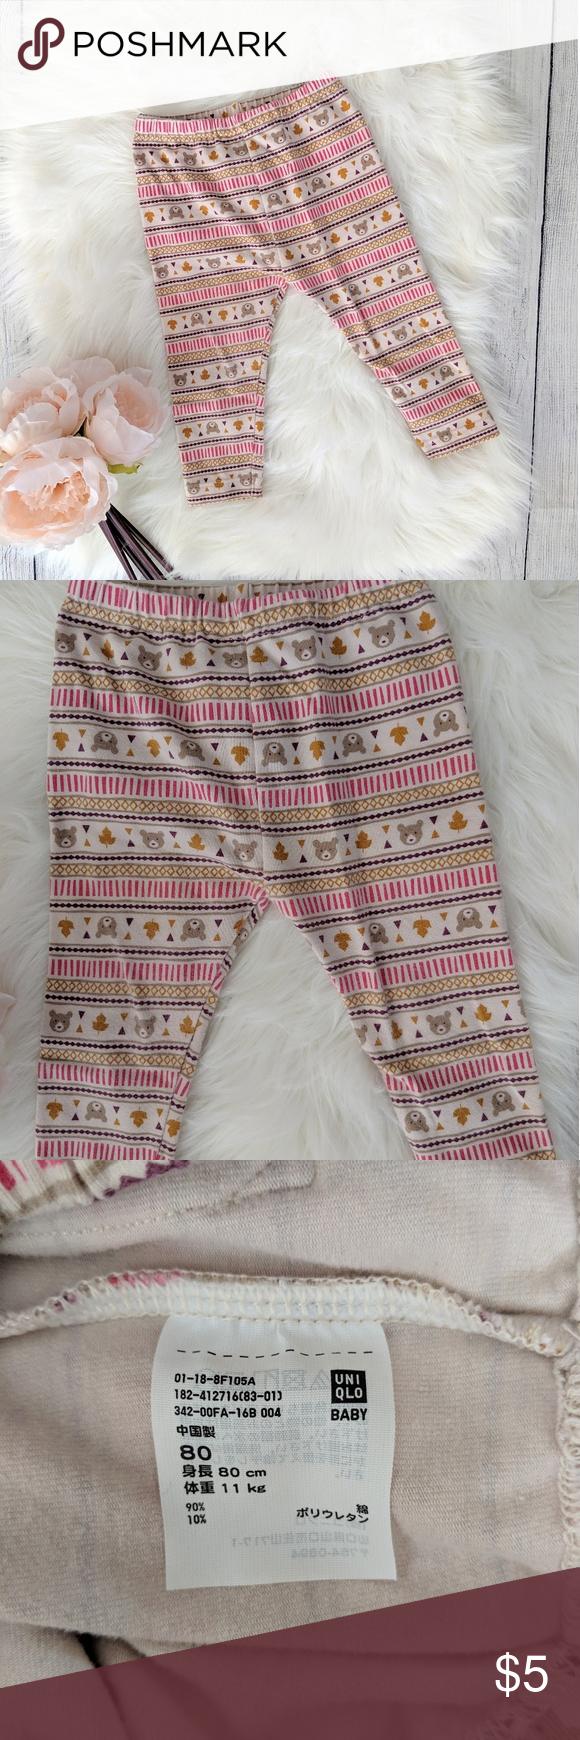 3 For 15 Uniqlo Teddy Bear Leggings Clothes Design Colorful Leggings Uniqlo